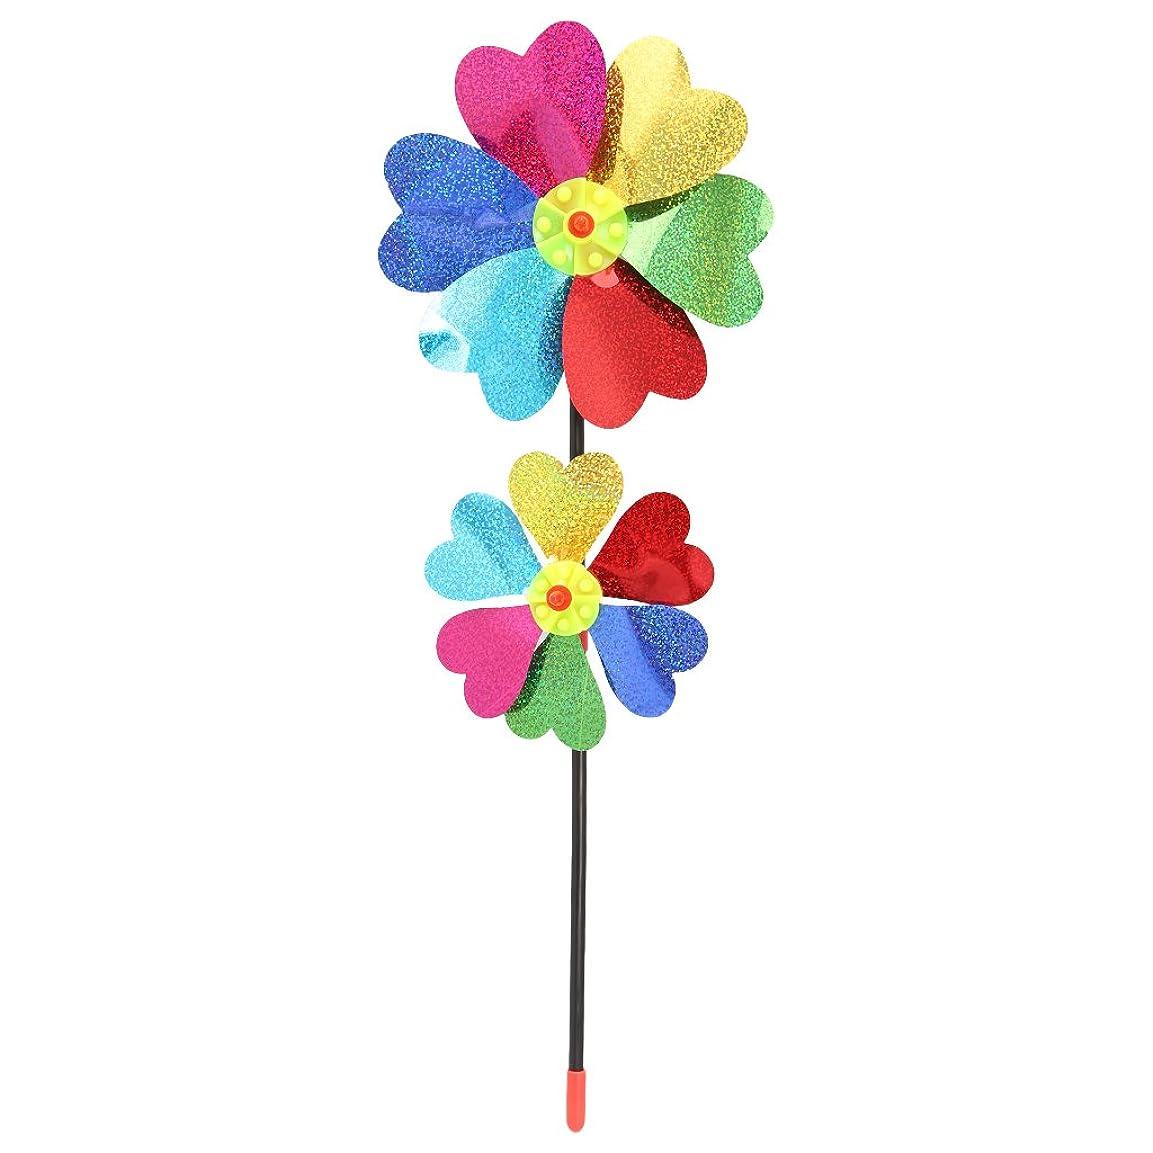 店主シャイニング水銀のBiuuu DIYのスパンコール風車風のスピナーホームガーデンヤードの装飾キッズおもちゃ